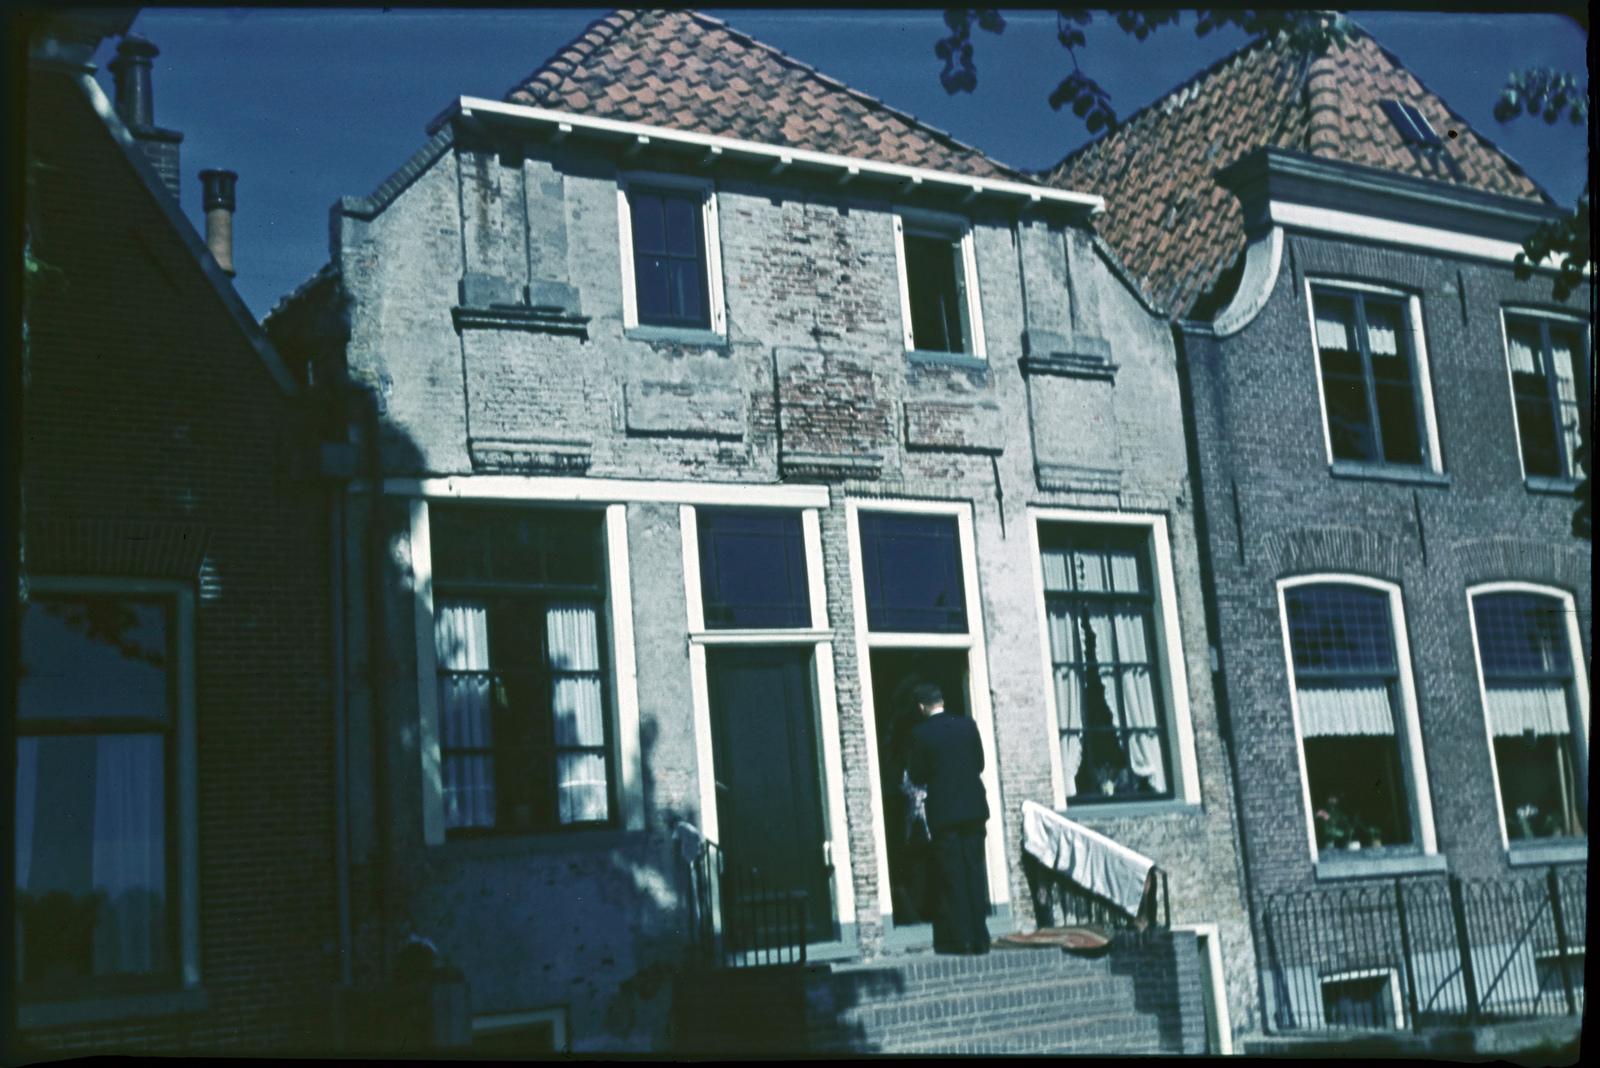 Twee witgepleisterde huizen